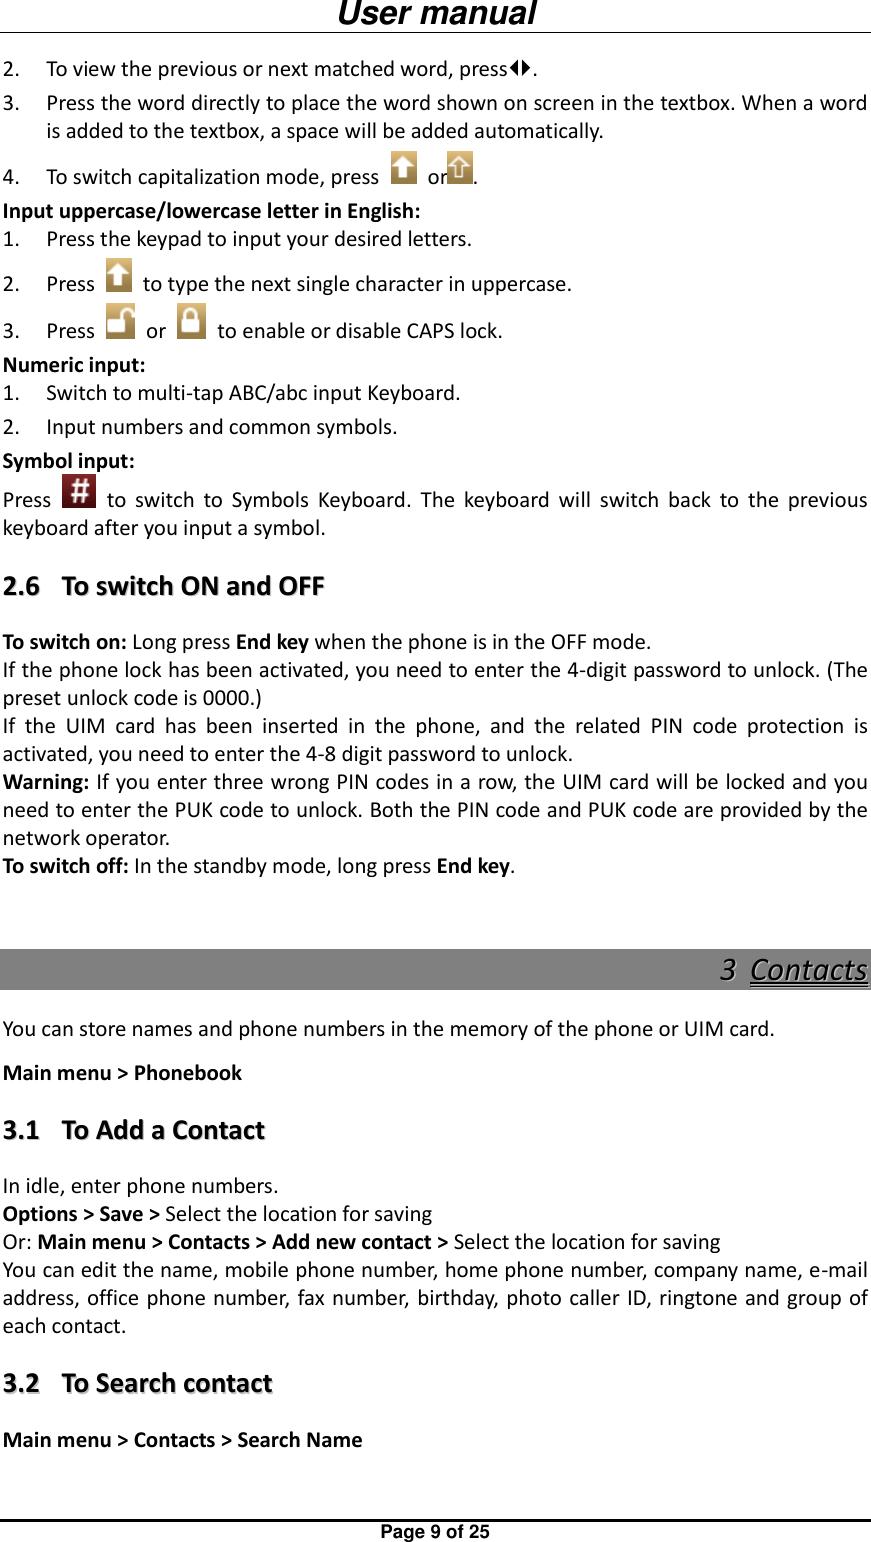 Micromax E390 Users Manual 欢迎使用